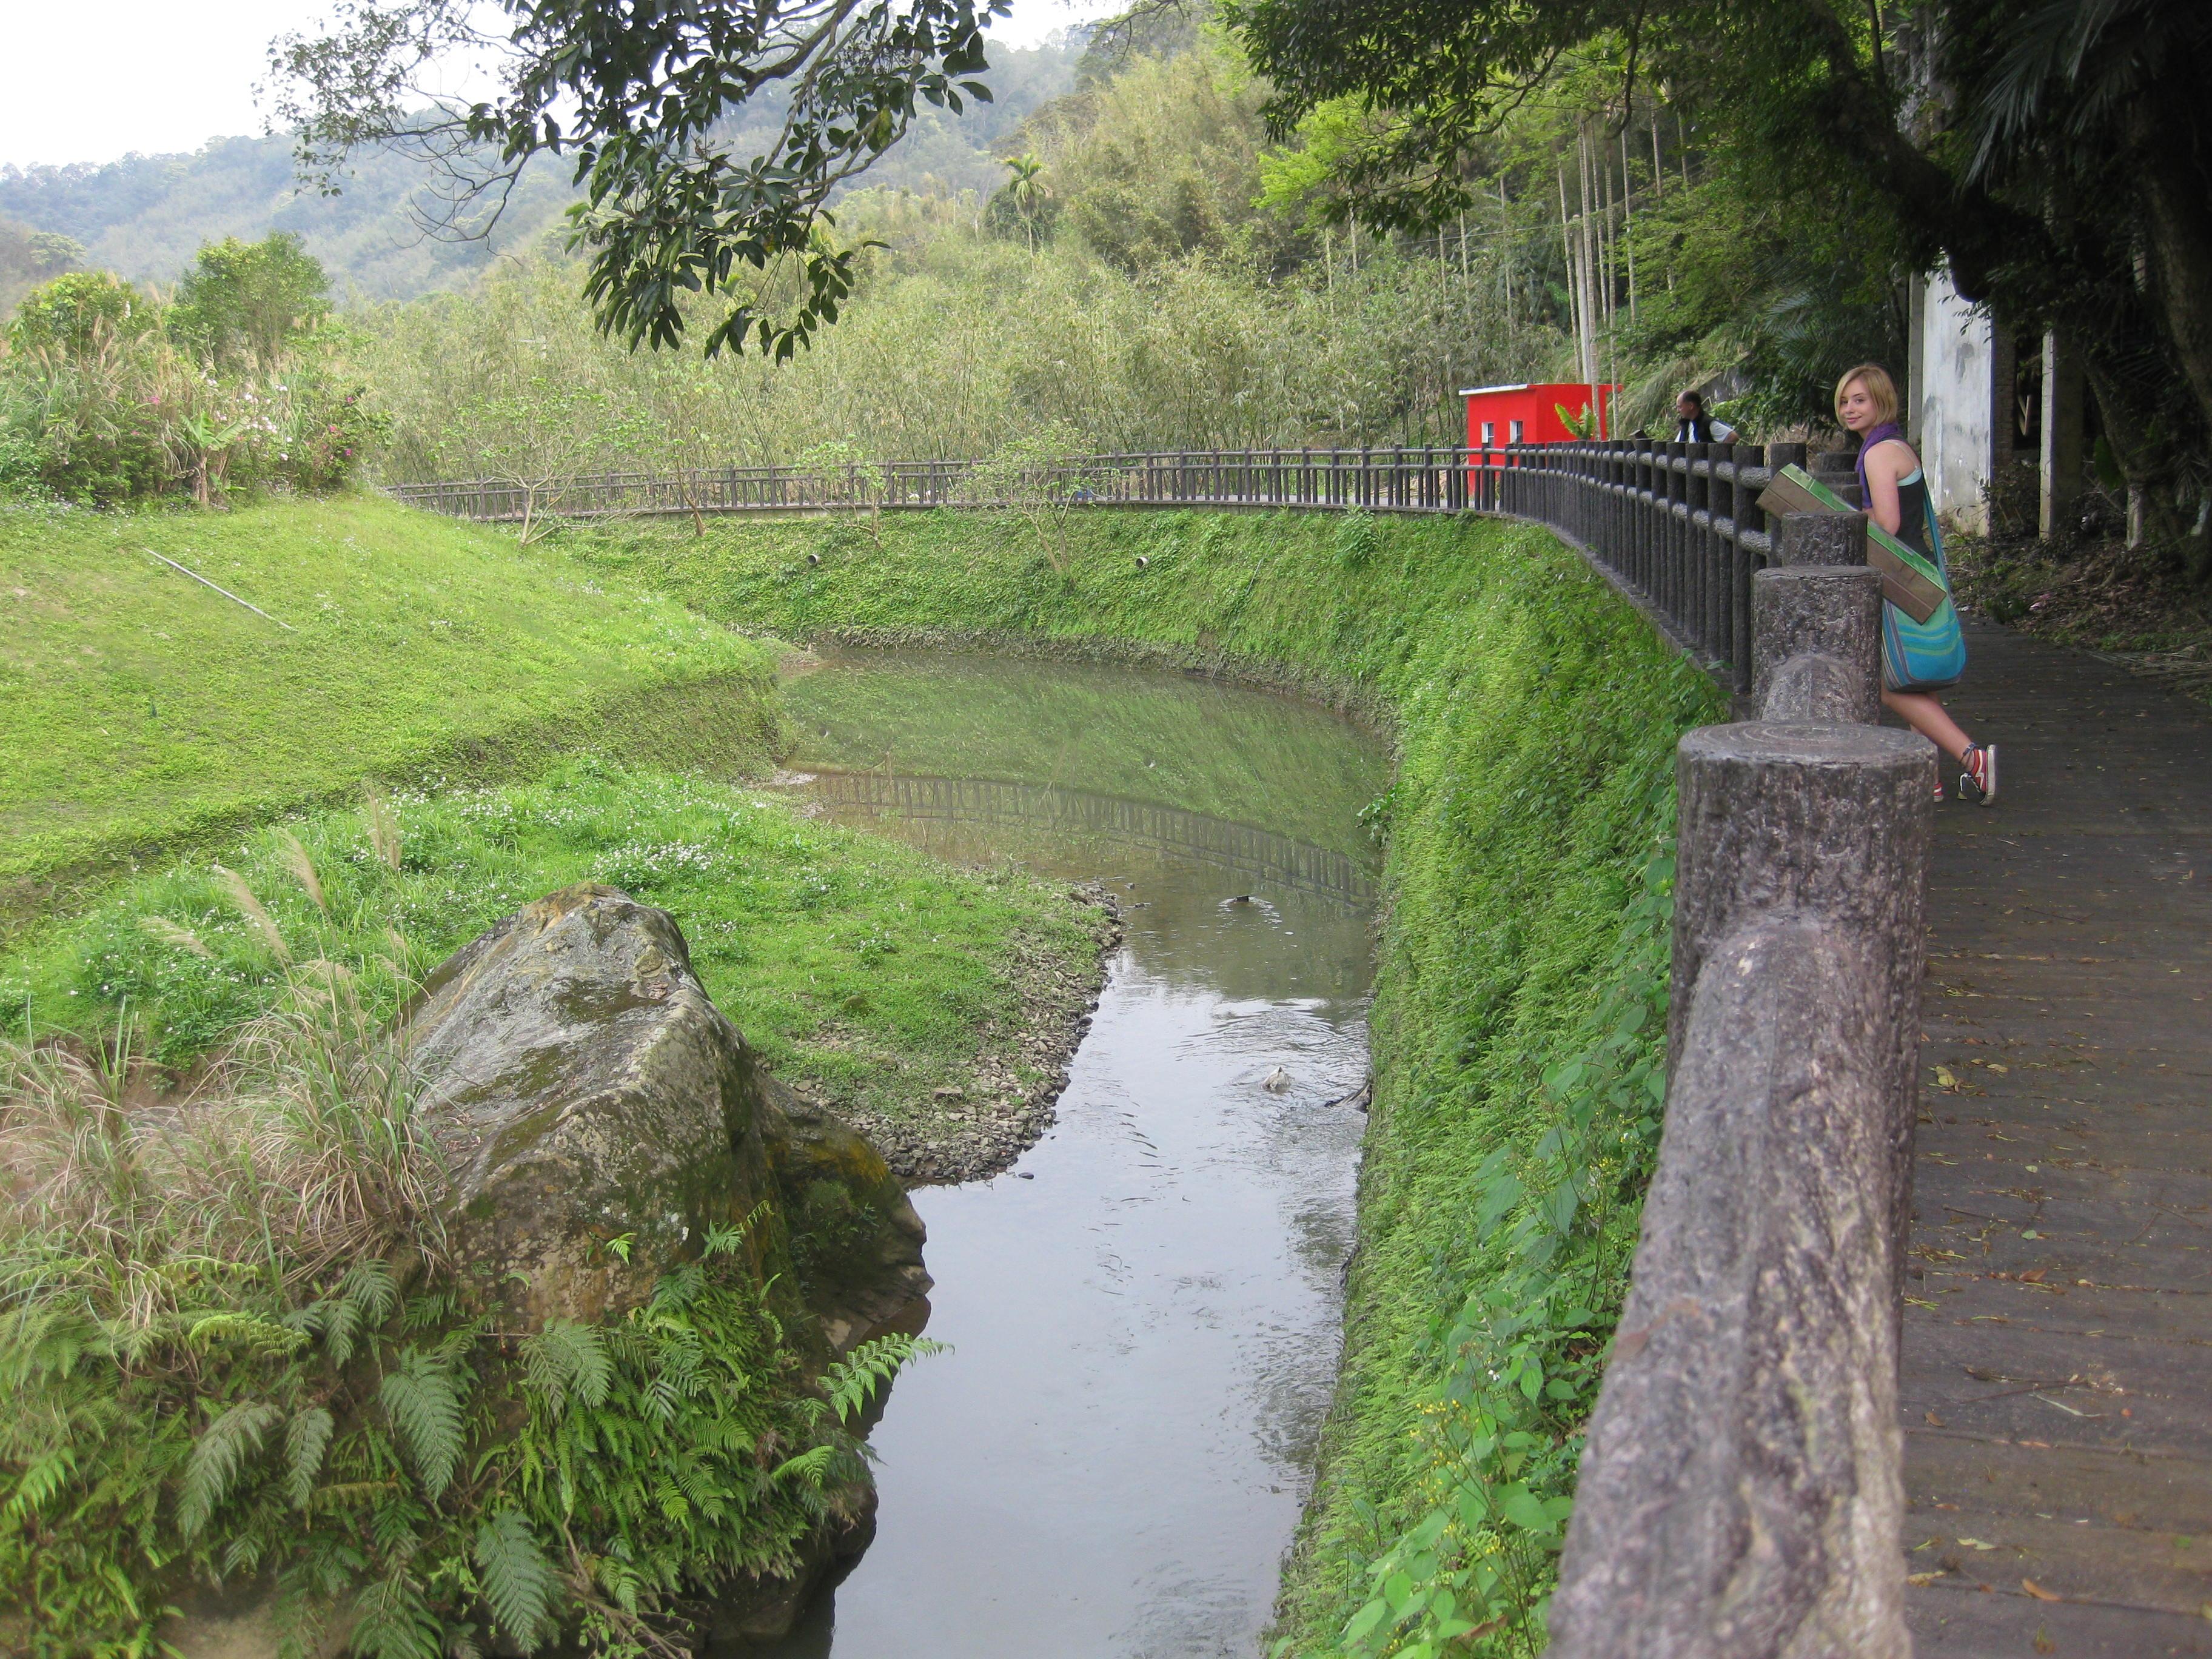 canal, rural Taiwan